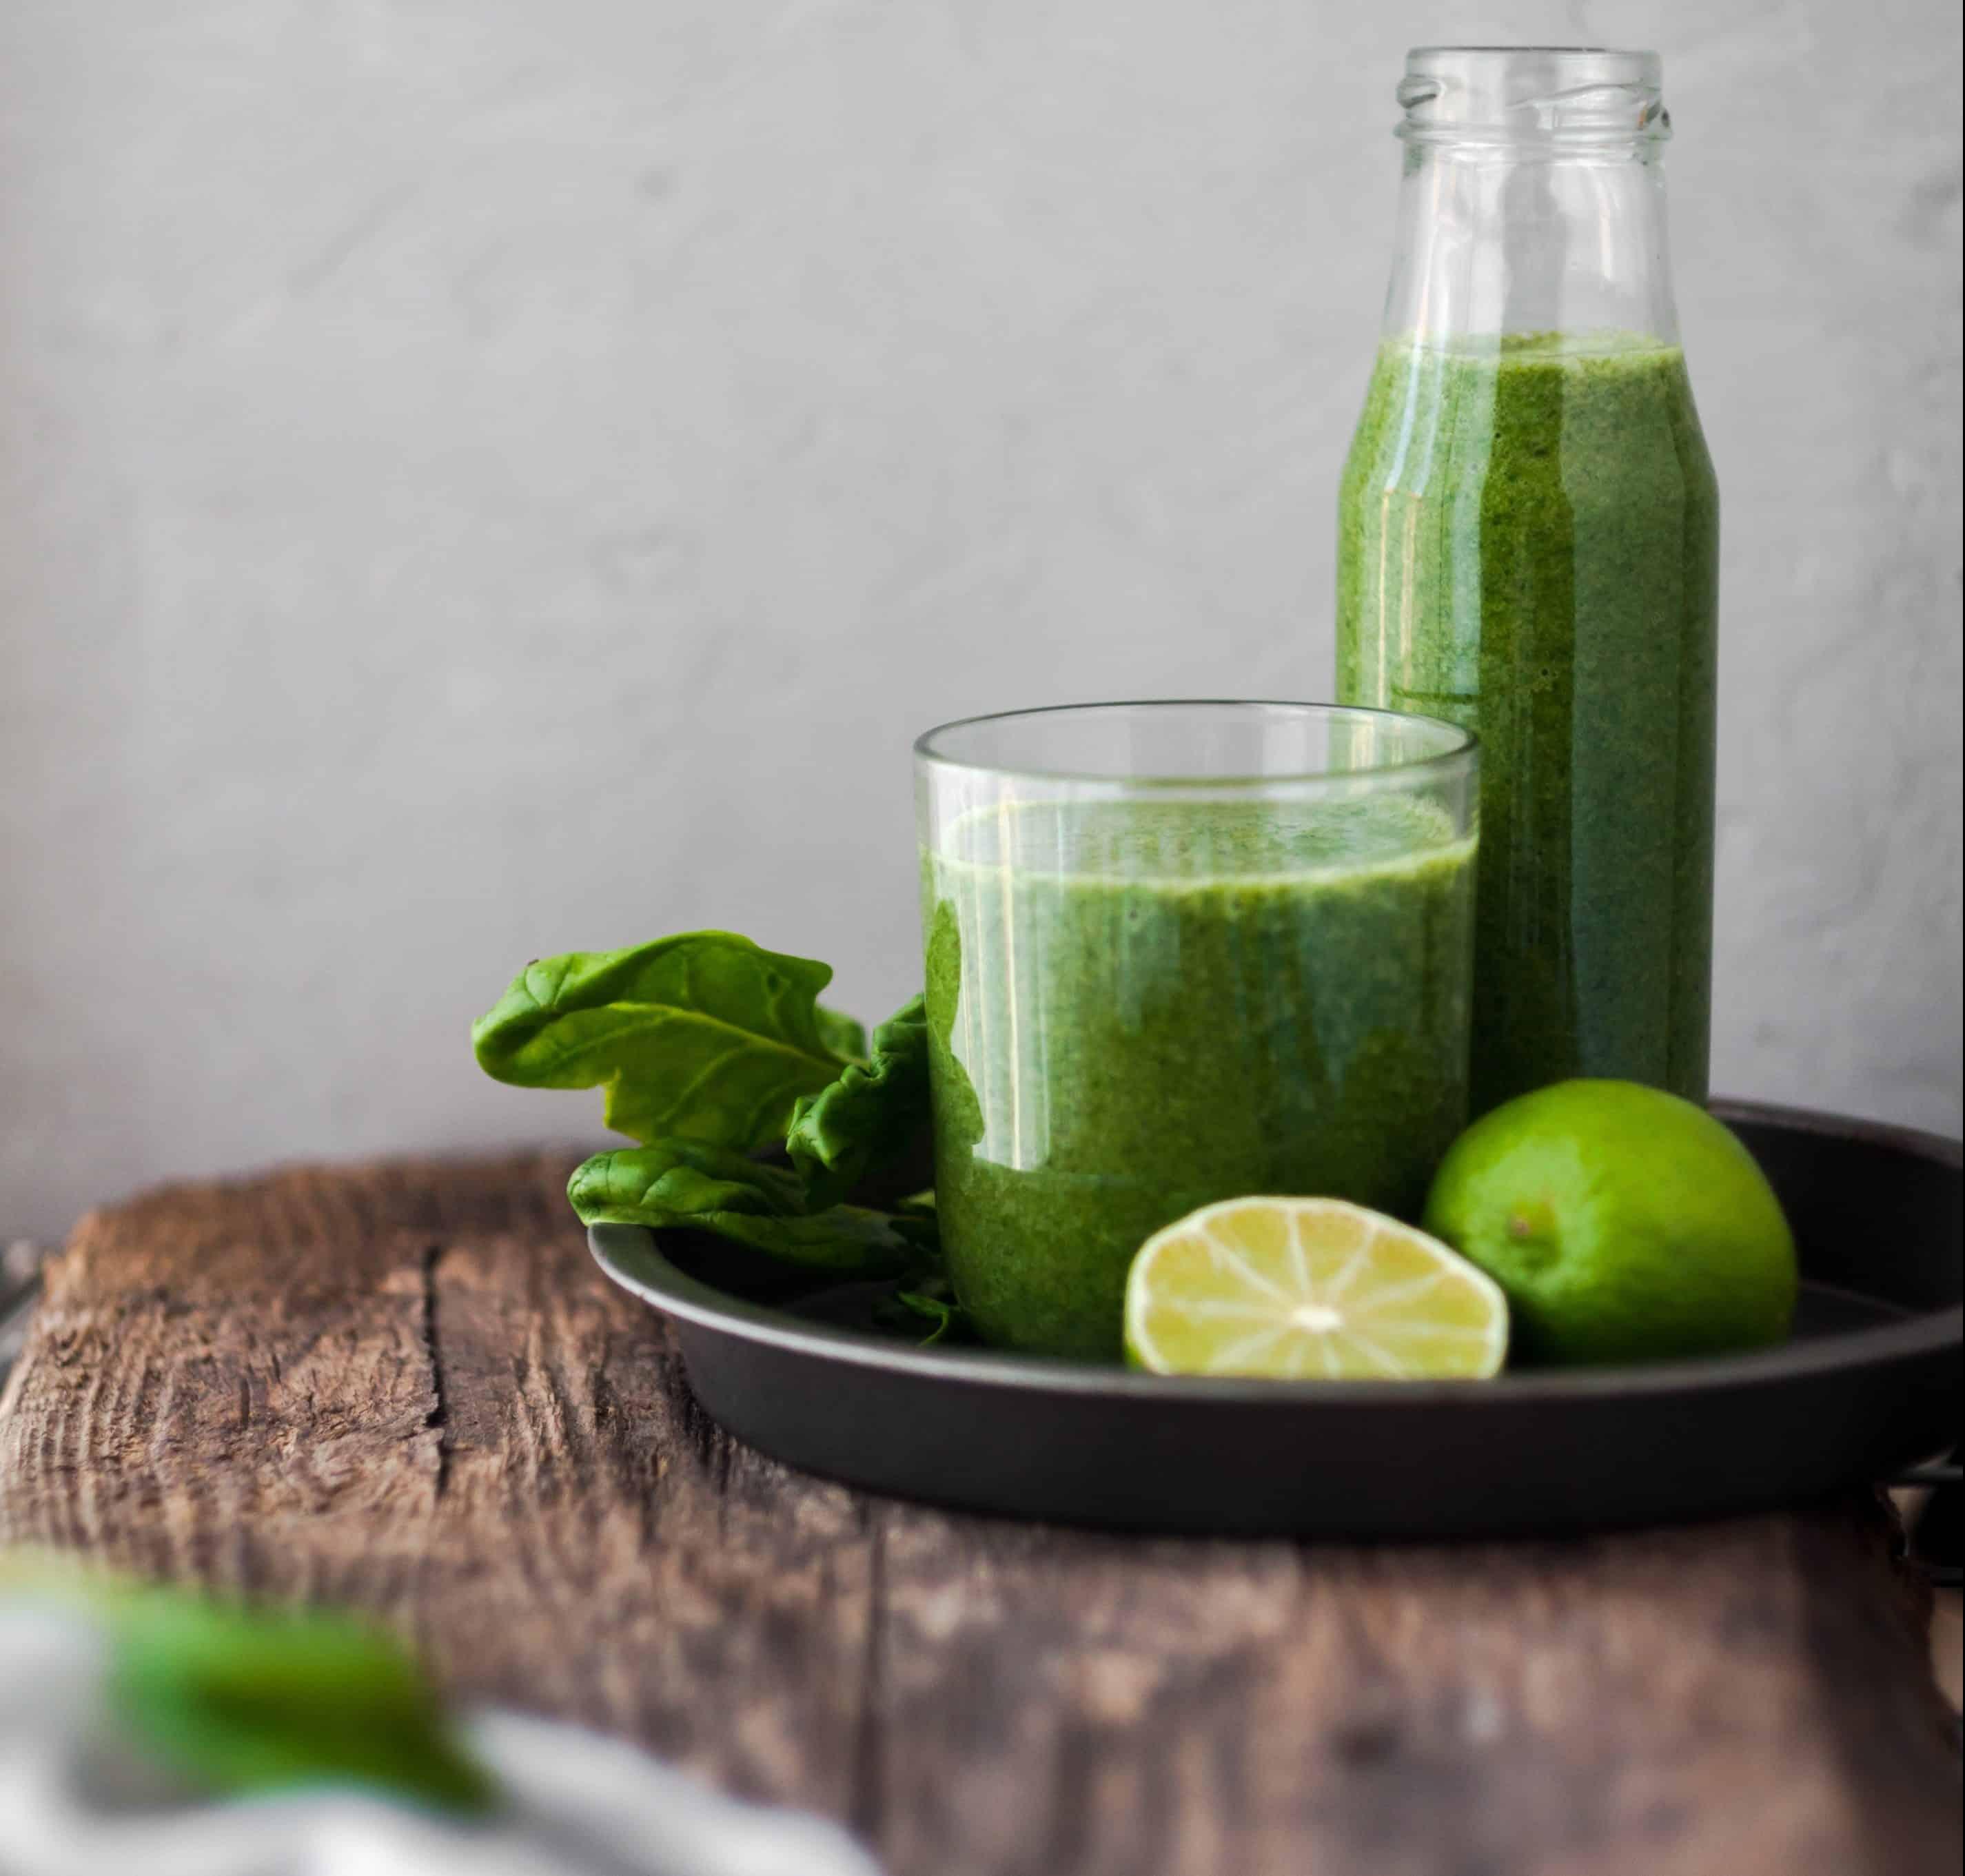 groentensappen drinken - voordelen groentesappen - girls who drink - sapkuur volgen - detox kuur - dr.veggie - cold pressed juices - vegetable juices - smoothie - groentesappen recepten